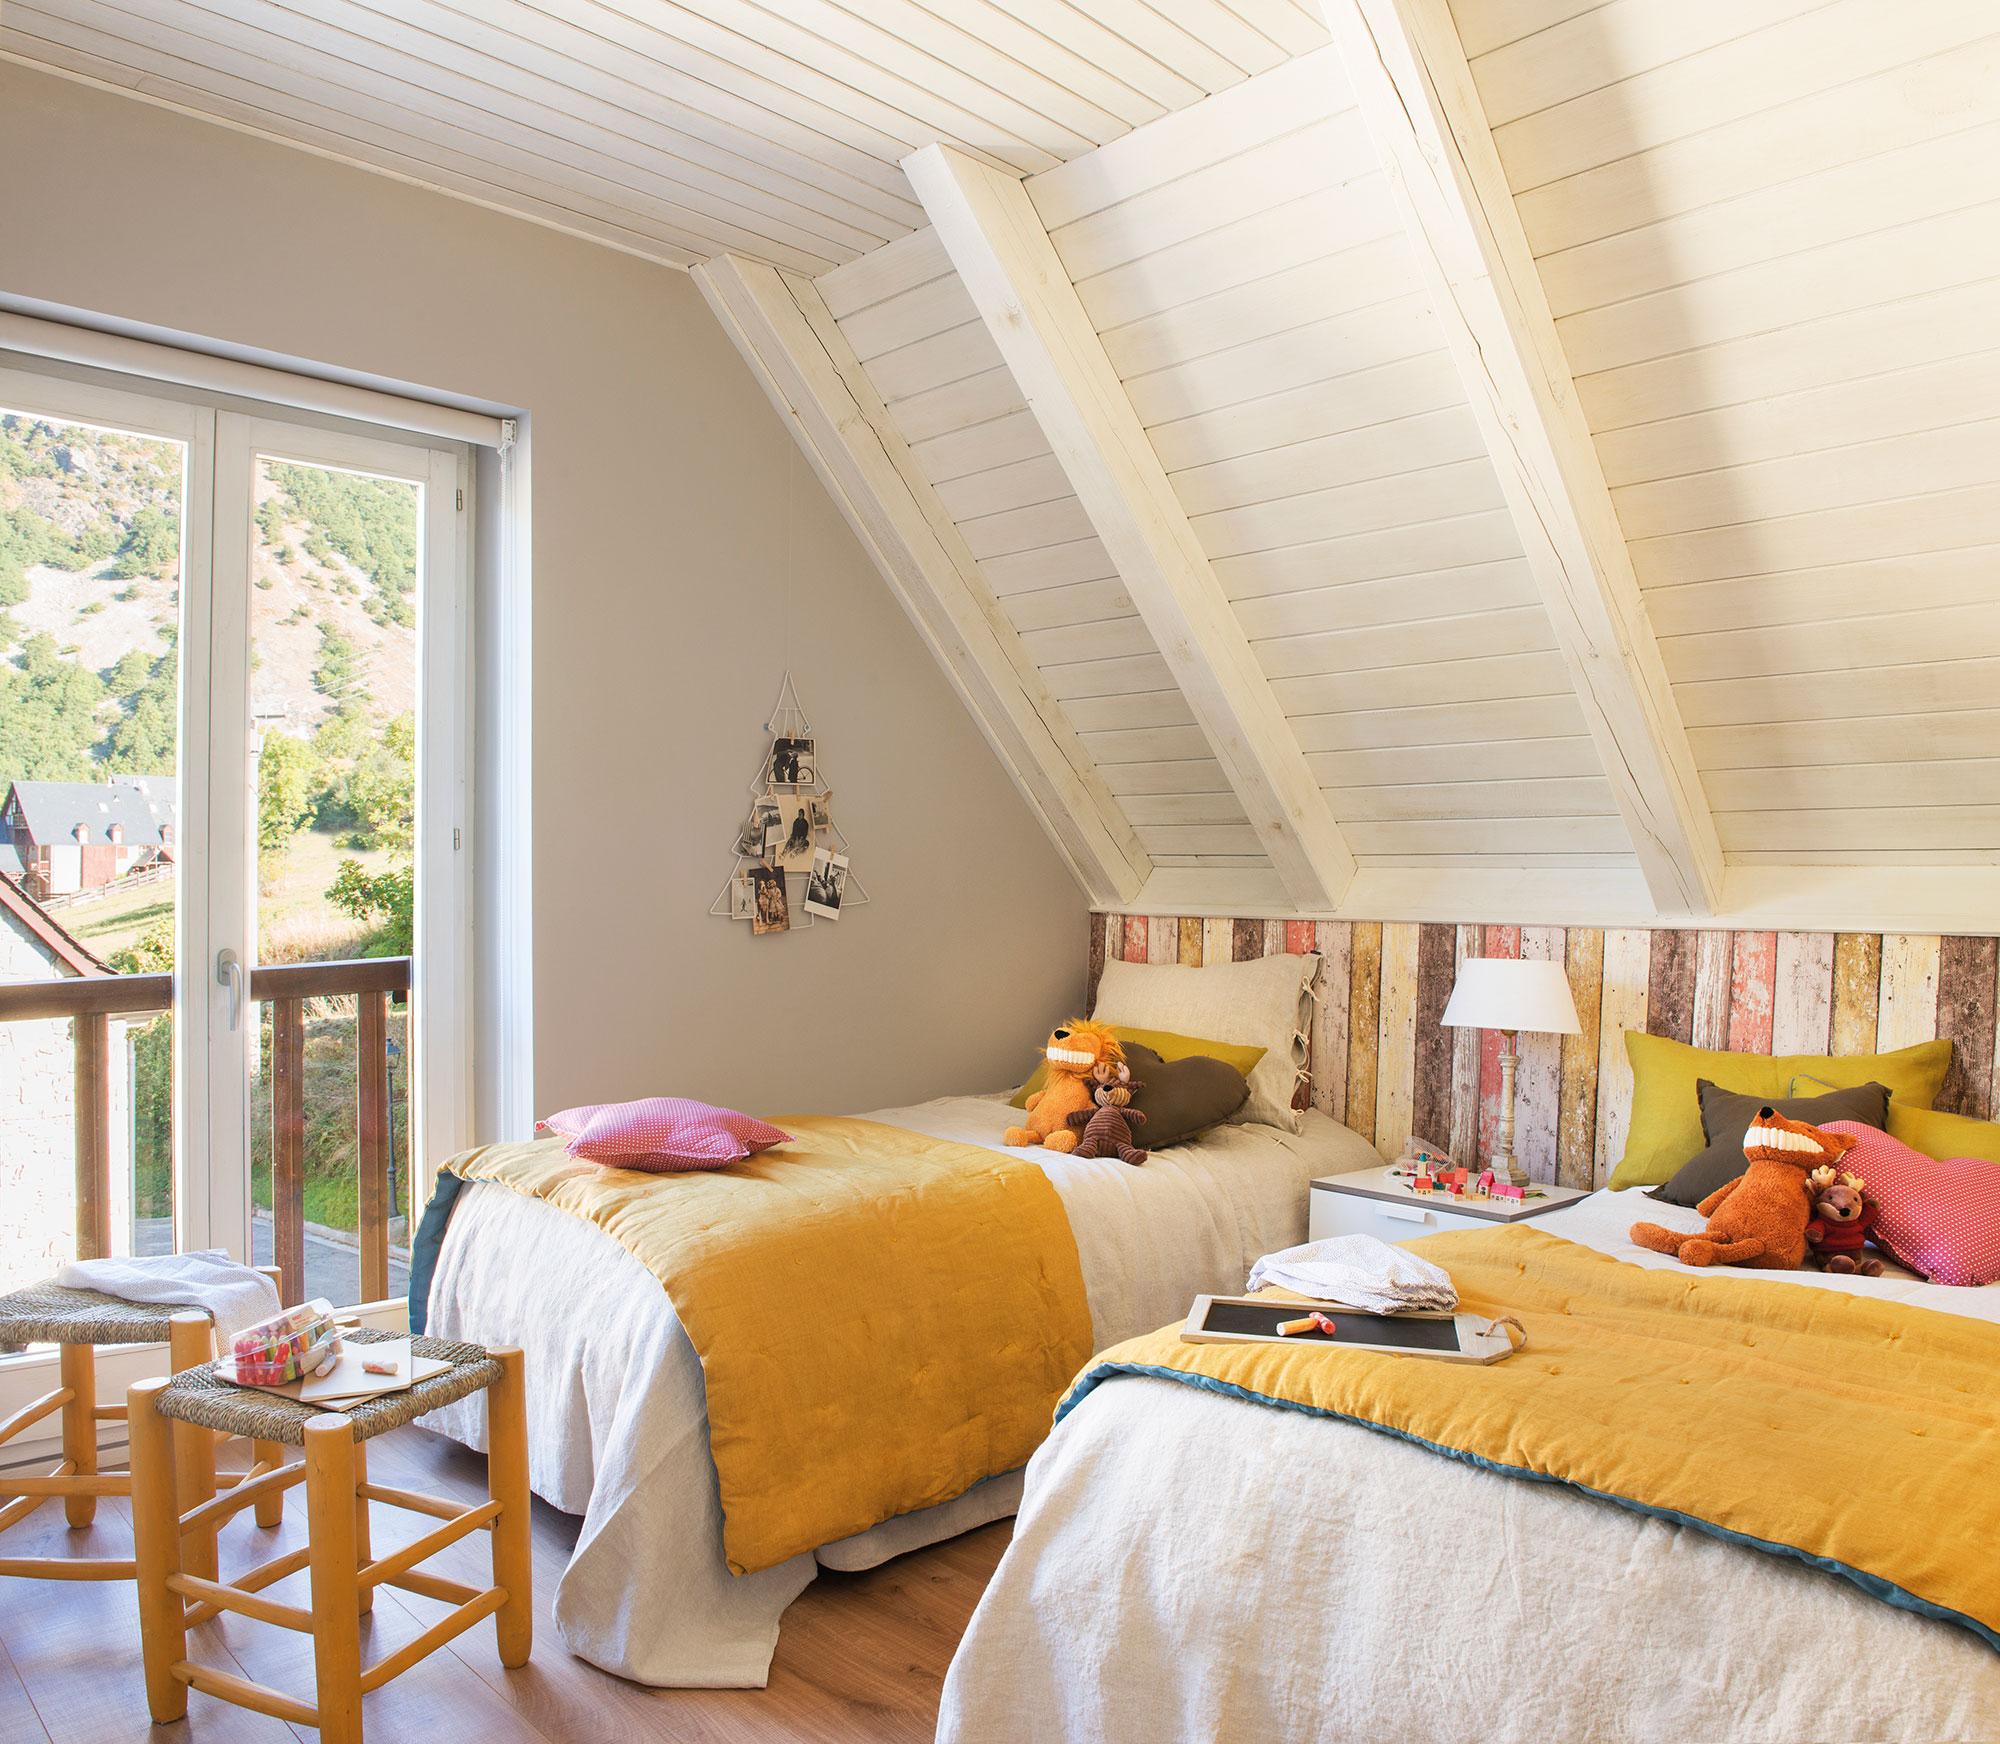 Decora la habitaci n infantil con papel pintado for Habitacion con dos camas